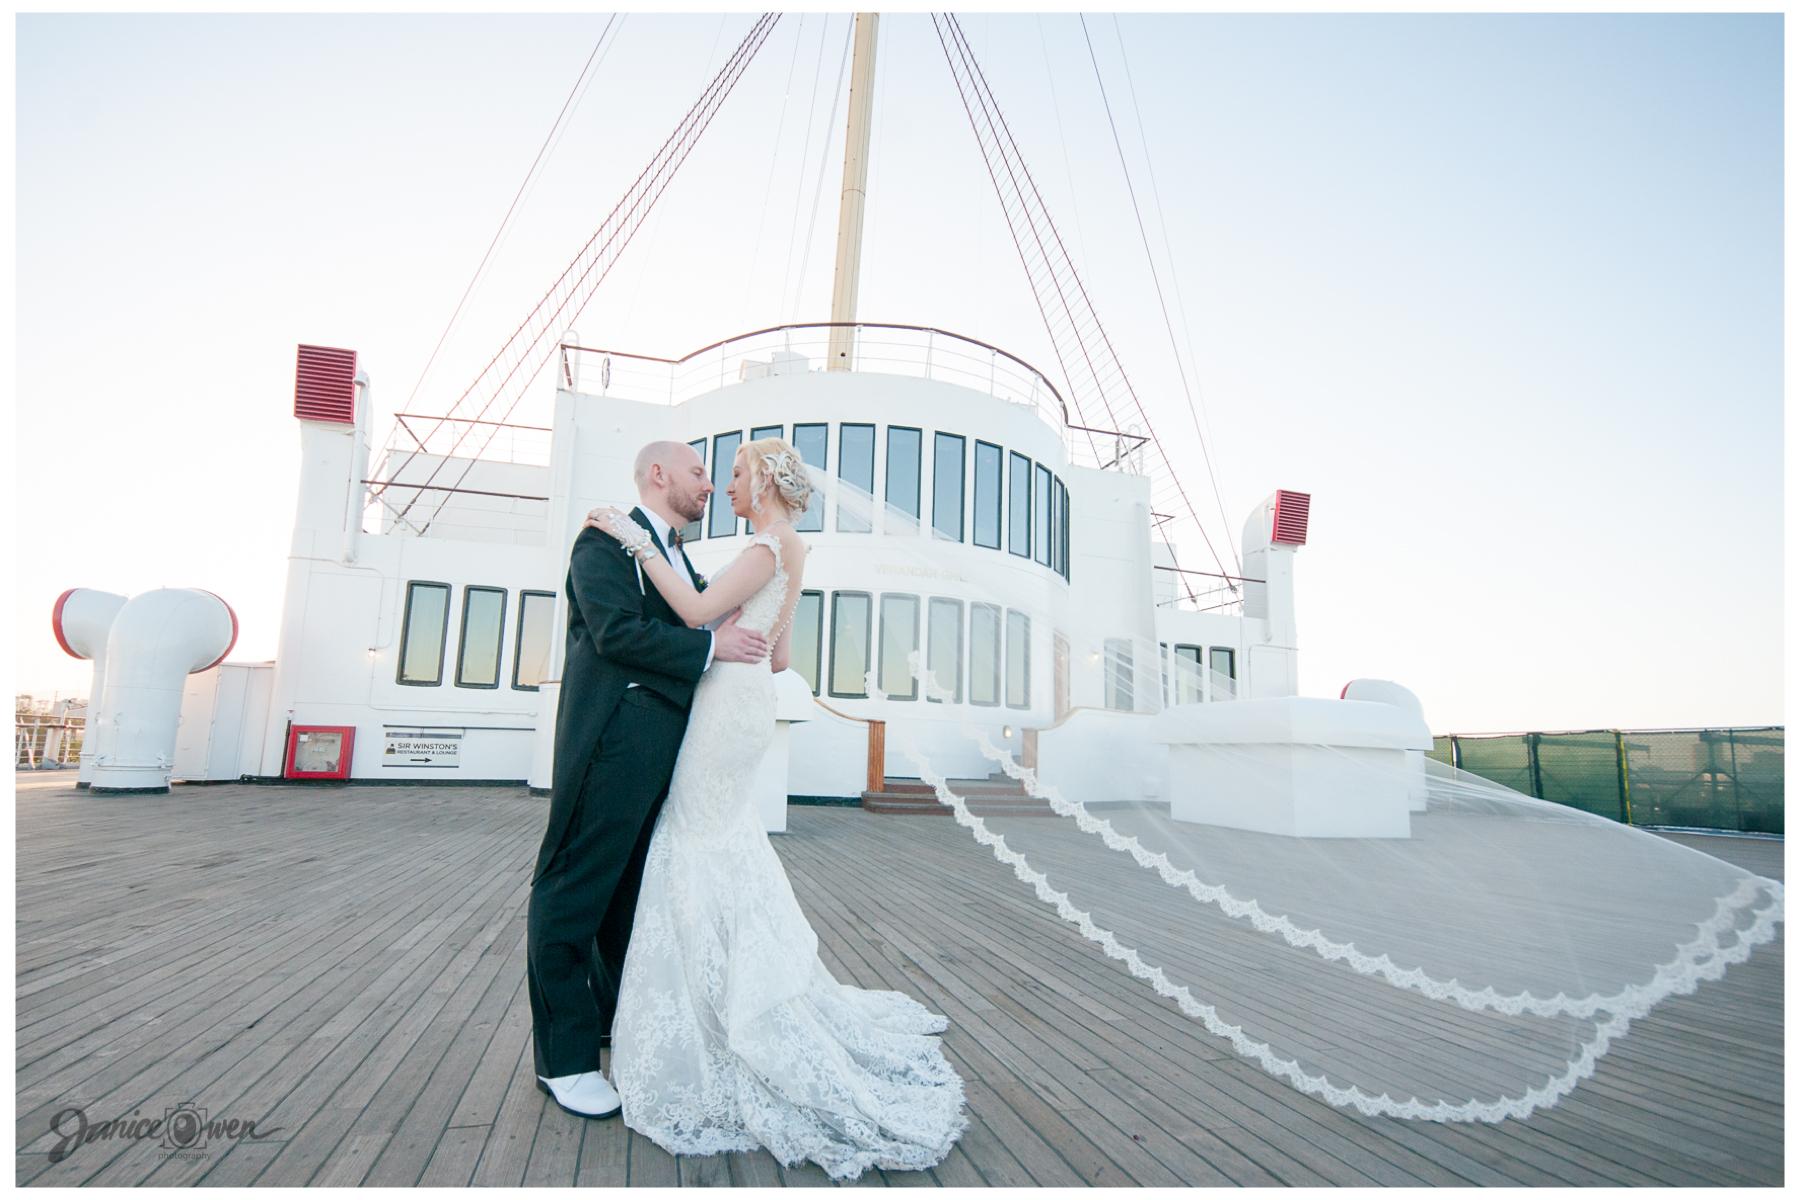 janiceowenphotography_wedding61.jpg